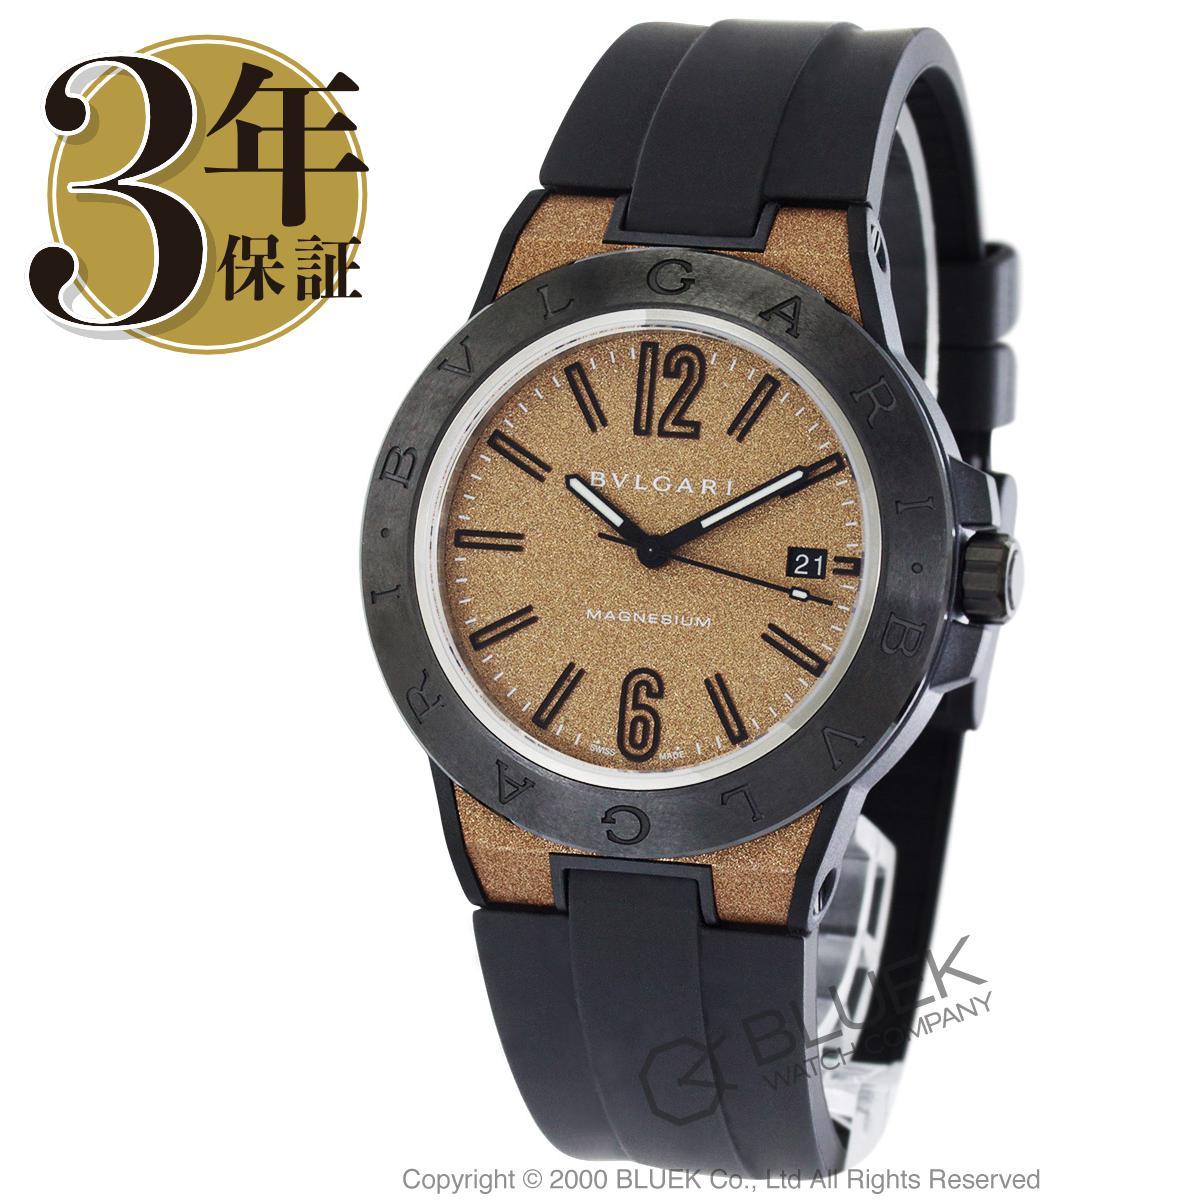 ブルガリ ディアゴノ マグネシウム 腕時計 メンズ BVLGARI DG41C11SMCVD_8 バーゲン ギフト プレゼント